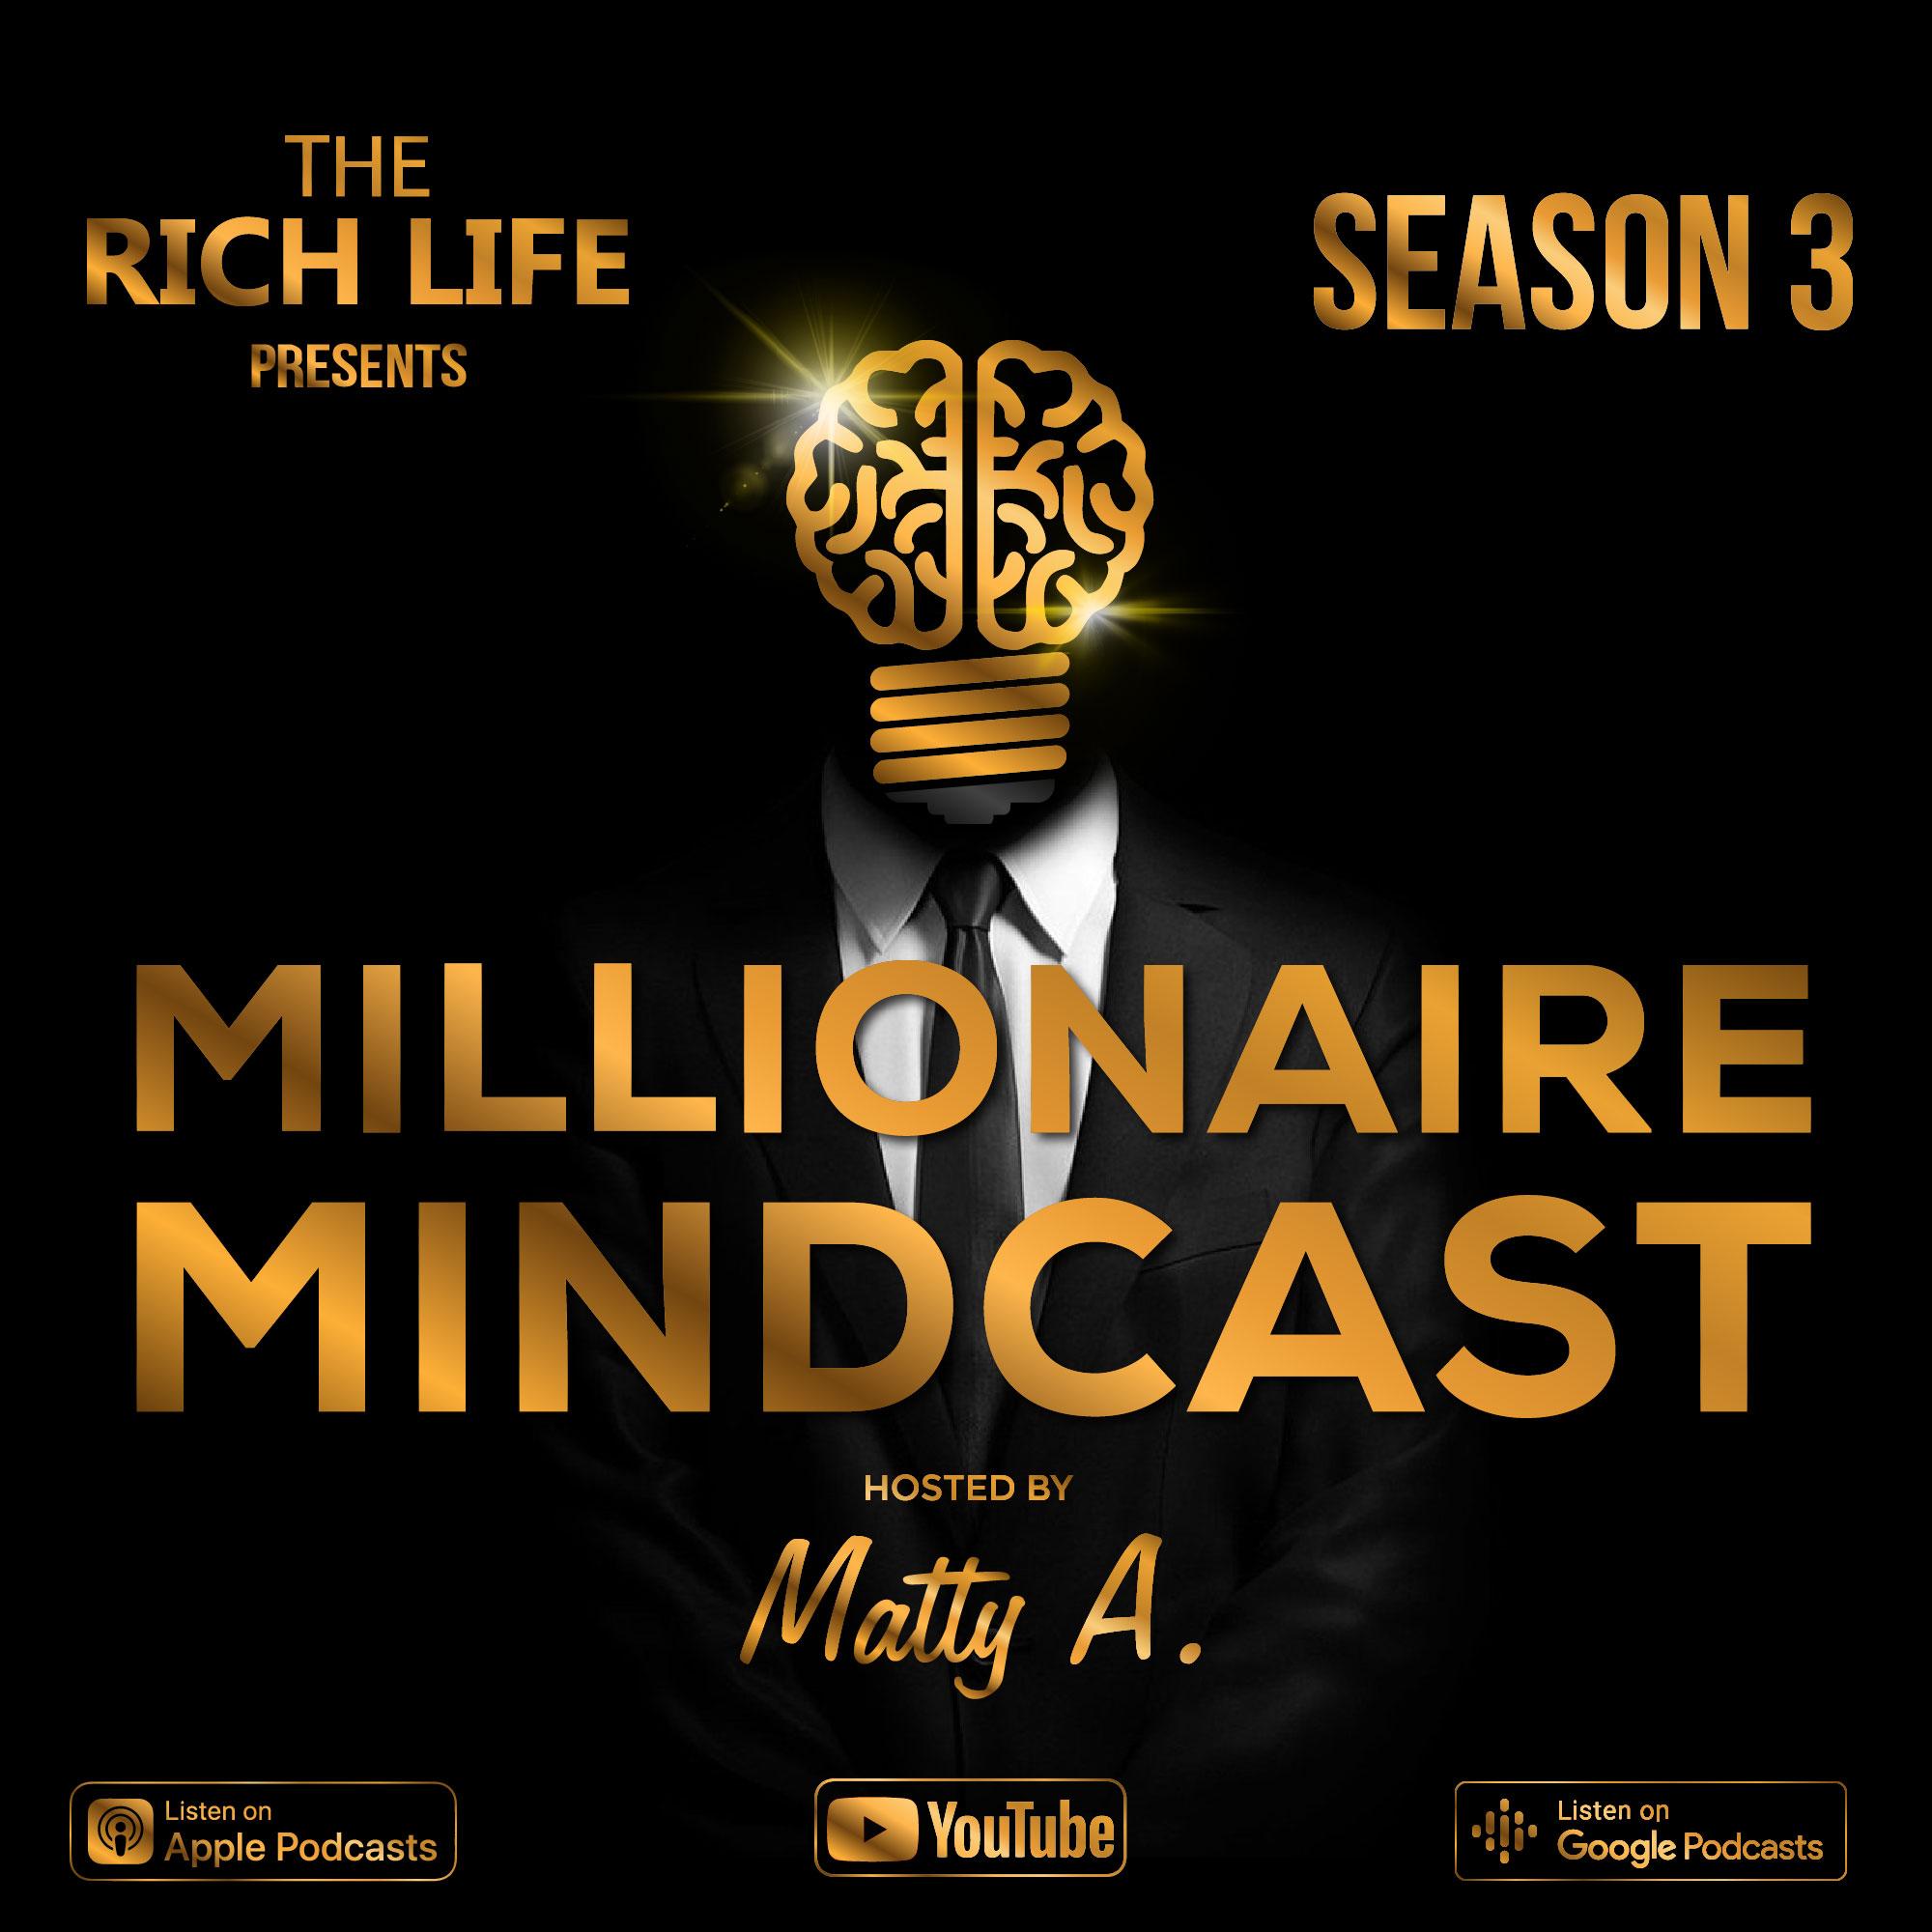 Millionaire Mindcast | Listen via Stitcher for Podcasts